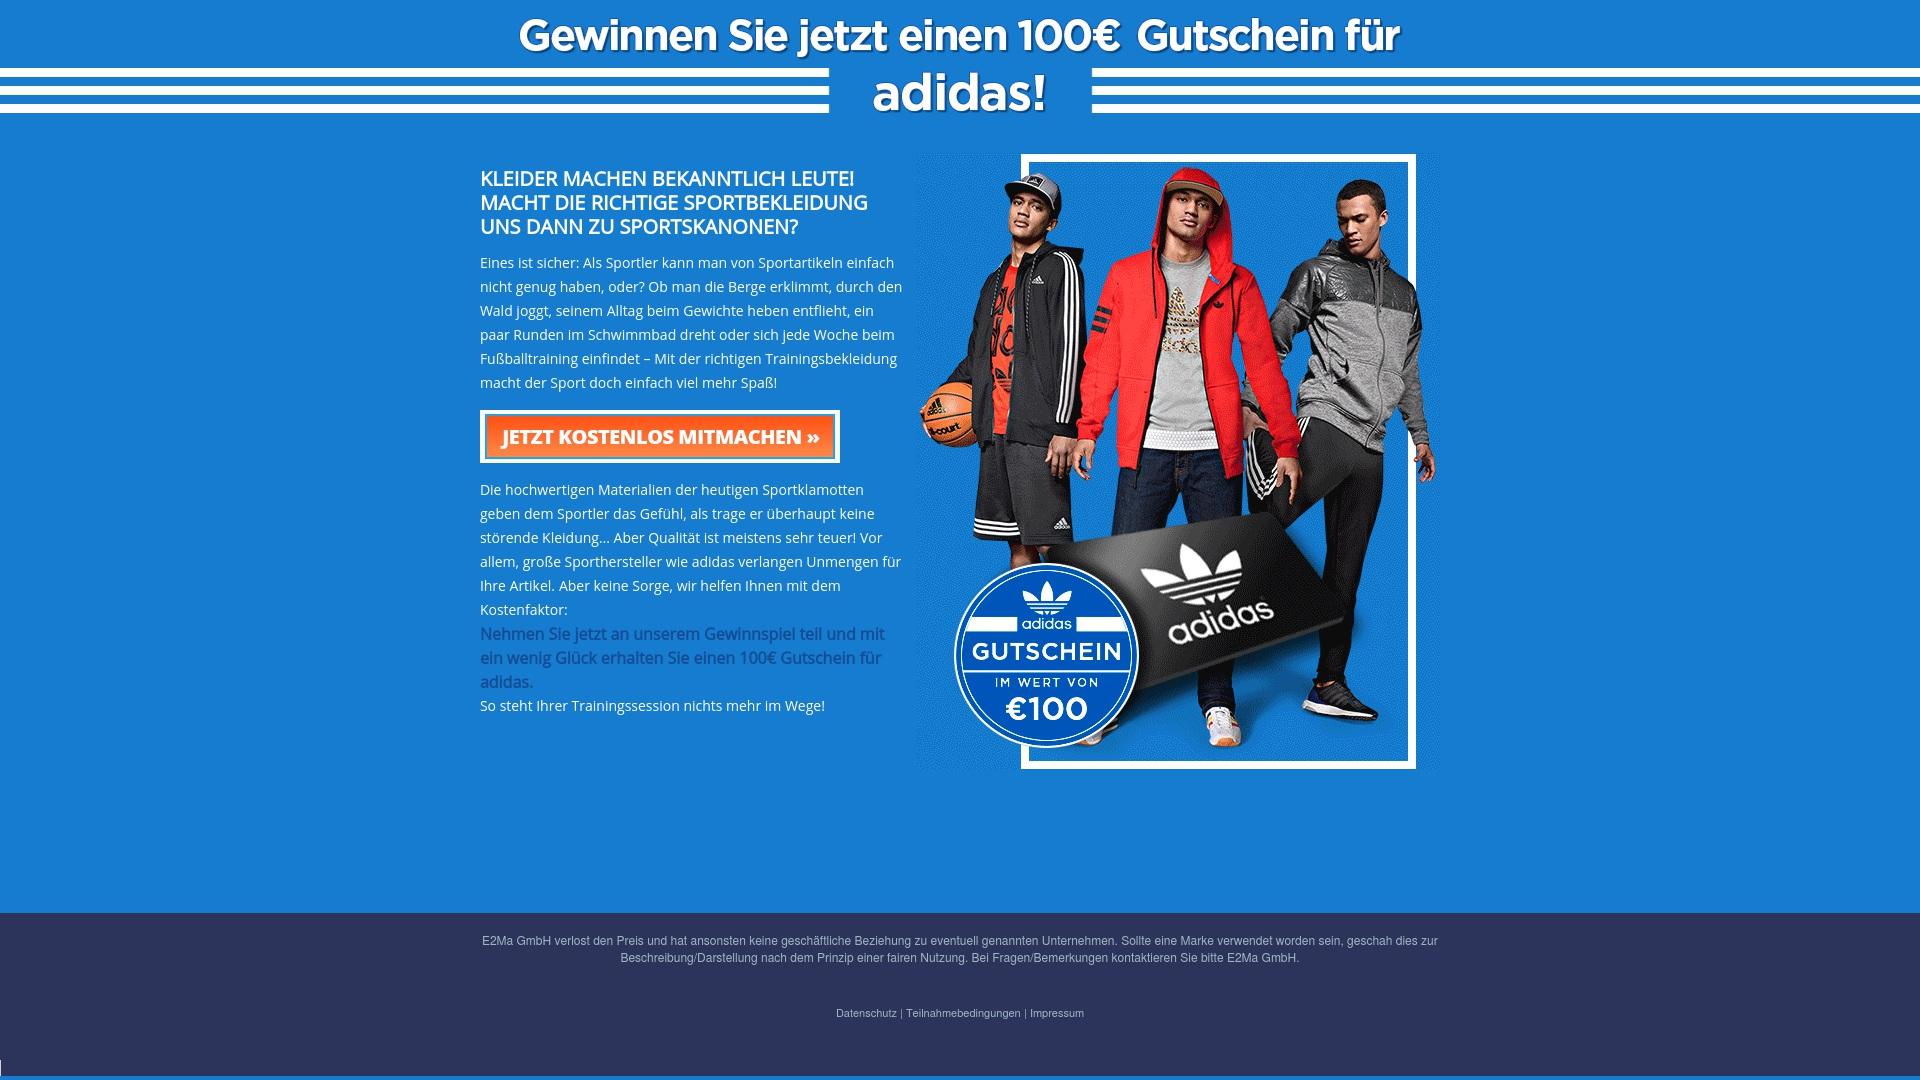 Gutschein für Schuh-umfrage: Rabatte für  Schuh-umfrage sichern